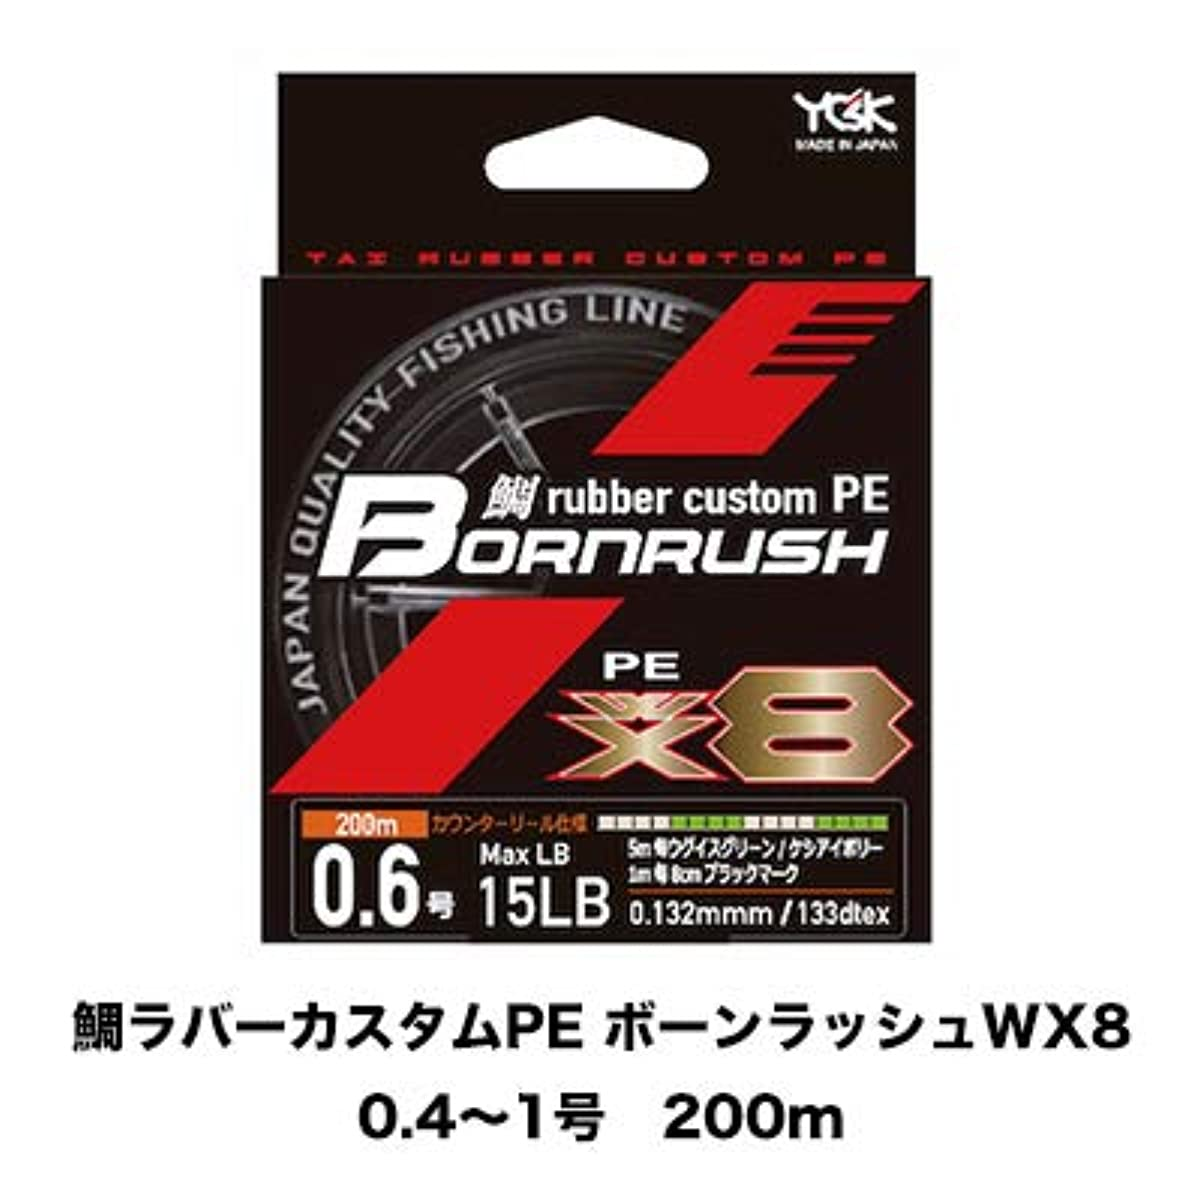 [해외] 제고용 요쯔아미 도미 타이라바 러쉬 본 WX8 200M